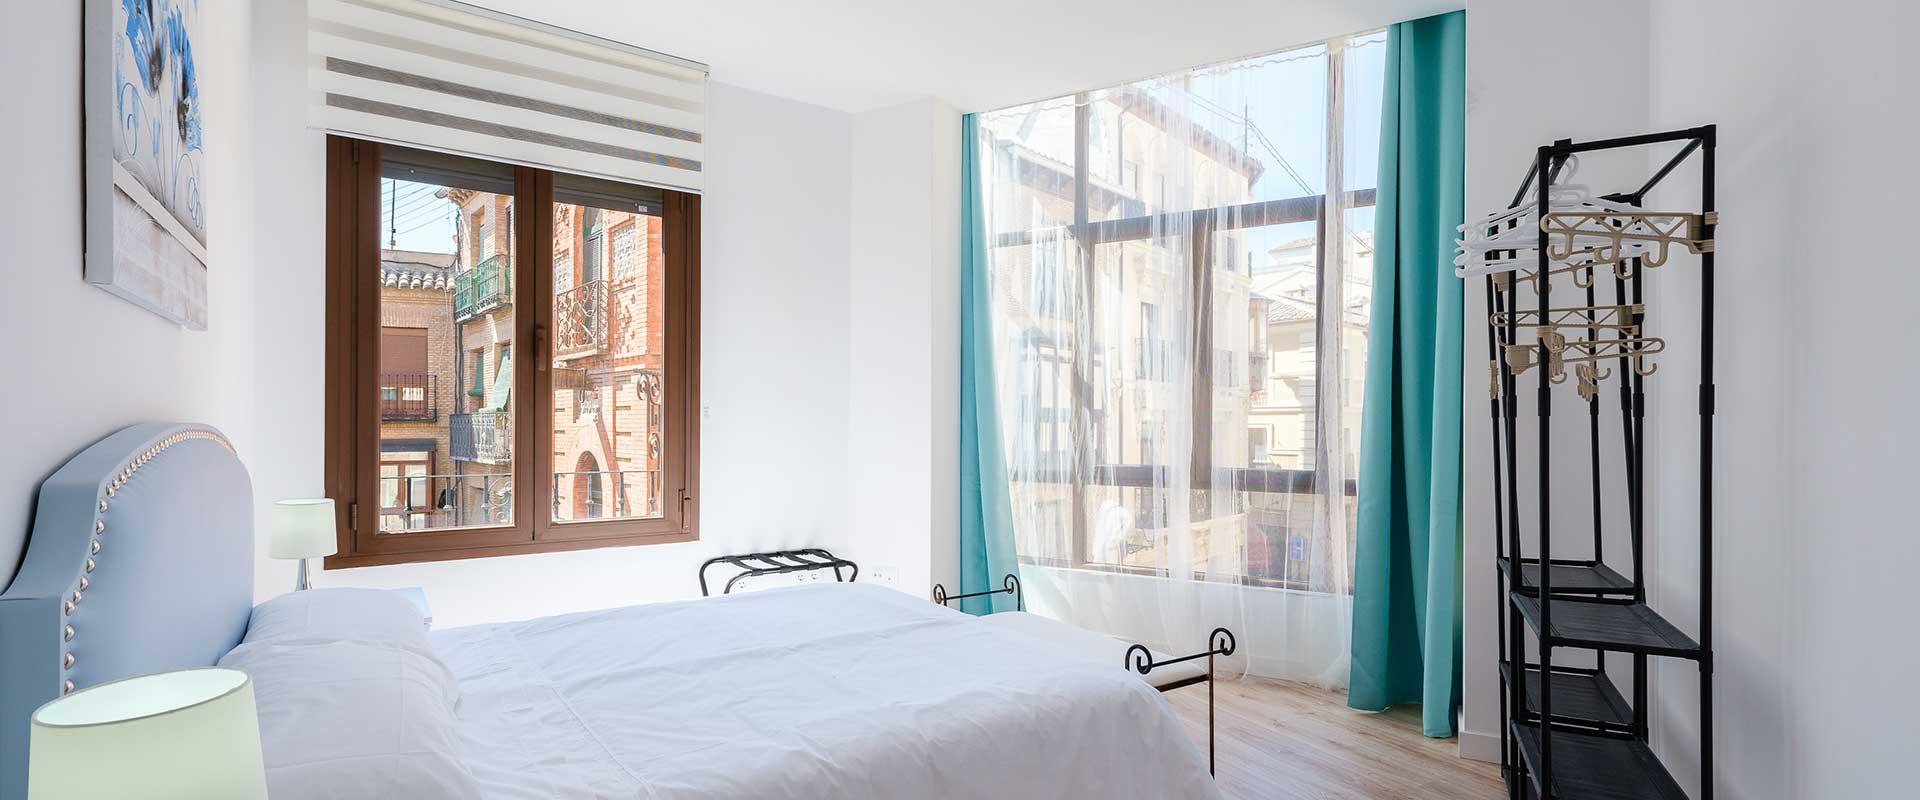 lascasasdezocodover 10 - Alojamiento para empresas en Toledo - Toledo Ap Alojamientos turísticos